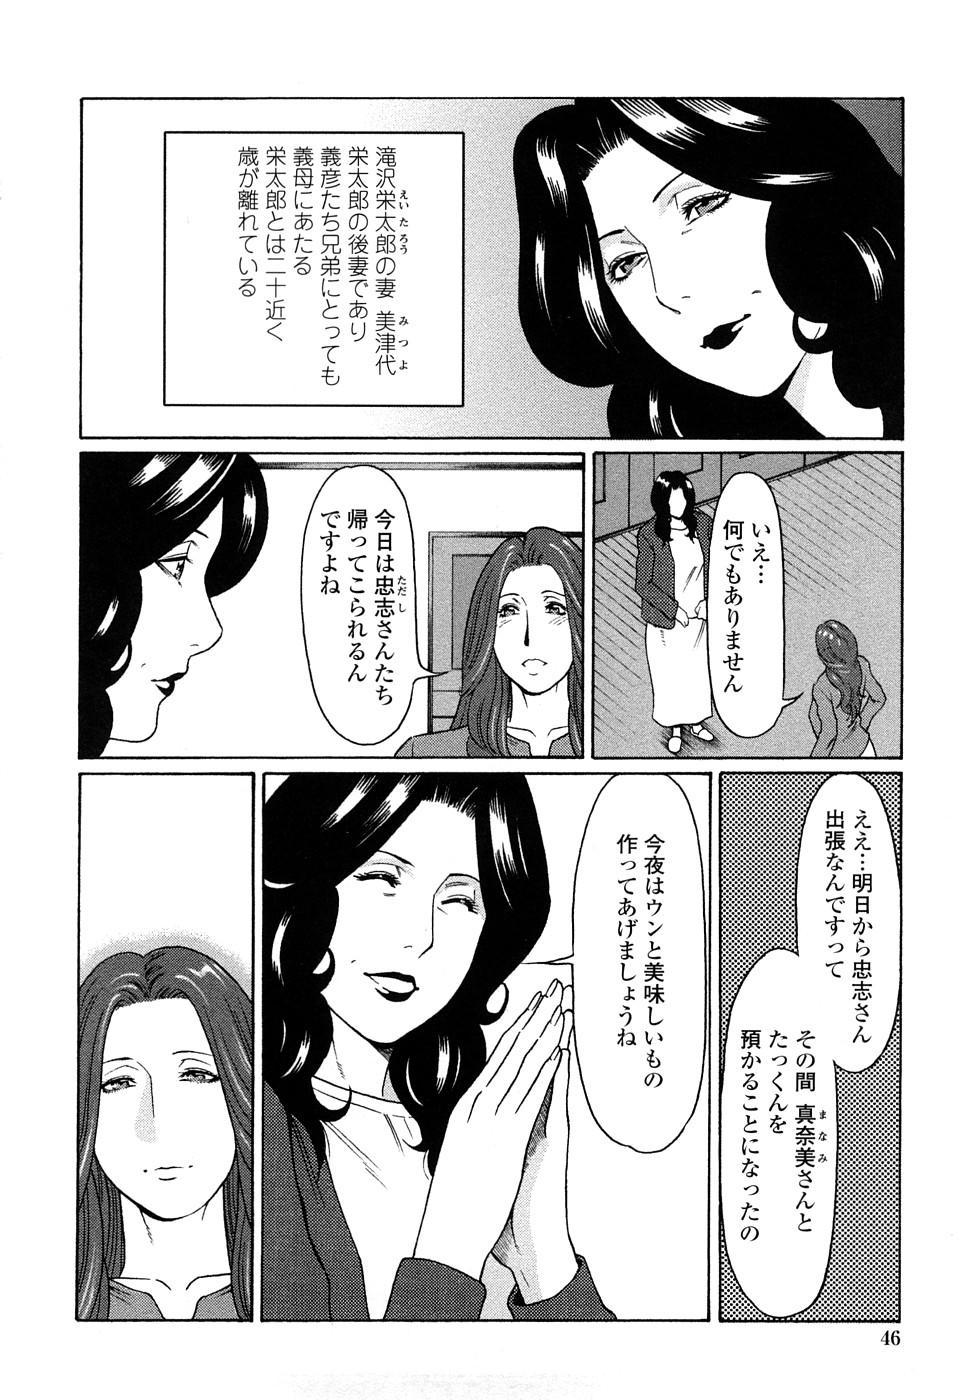 Etsuraku no Tobira - The Door of Sexual Pleasure 44